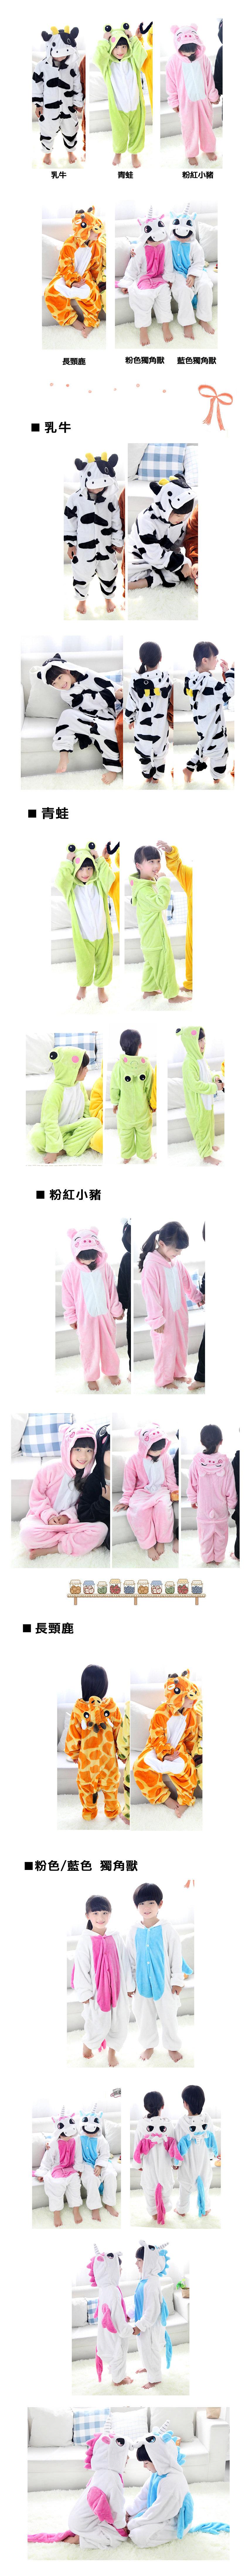 搖粒絨 睡衣 童裝 兒童睡衣 親子睡衣 KUSO小恐龍兒童套裝【C0037】艾咪E舖